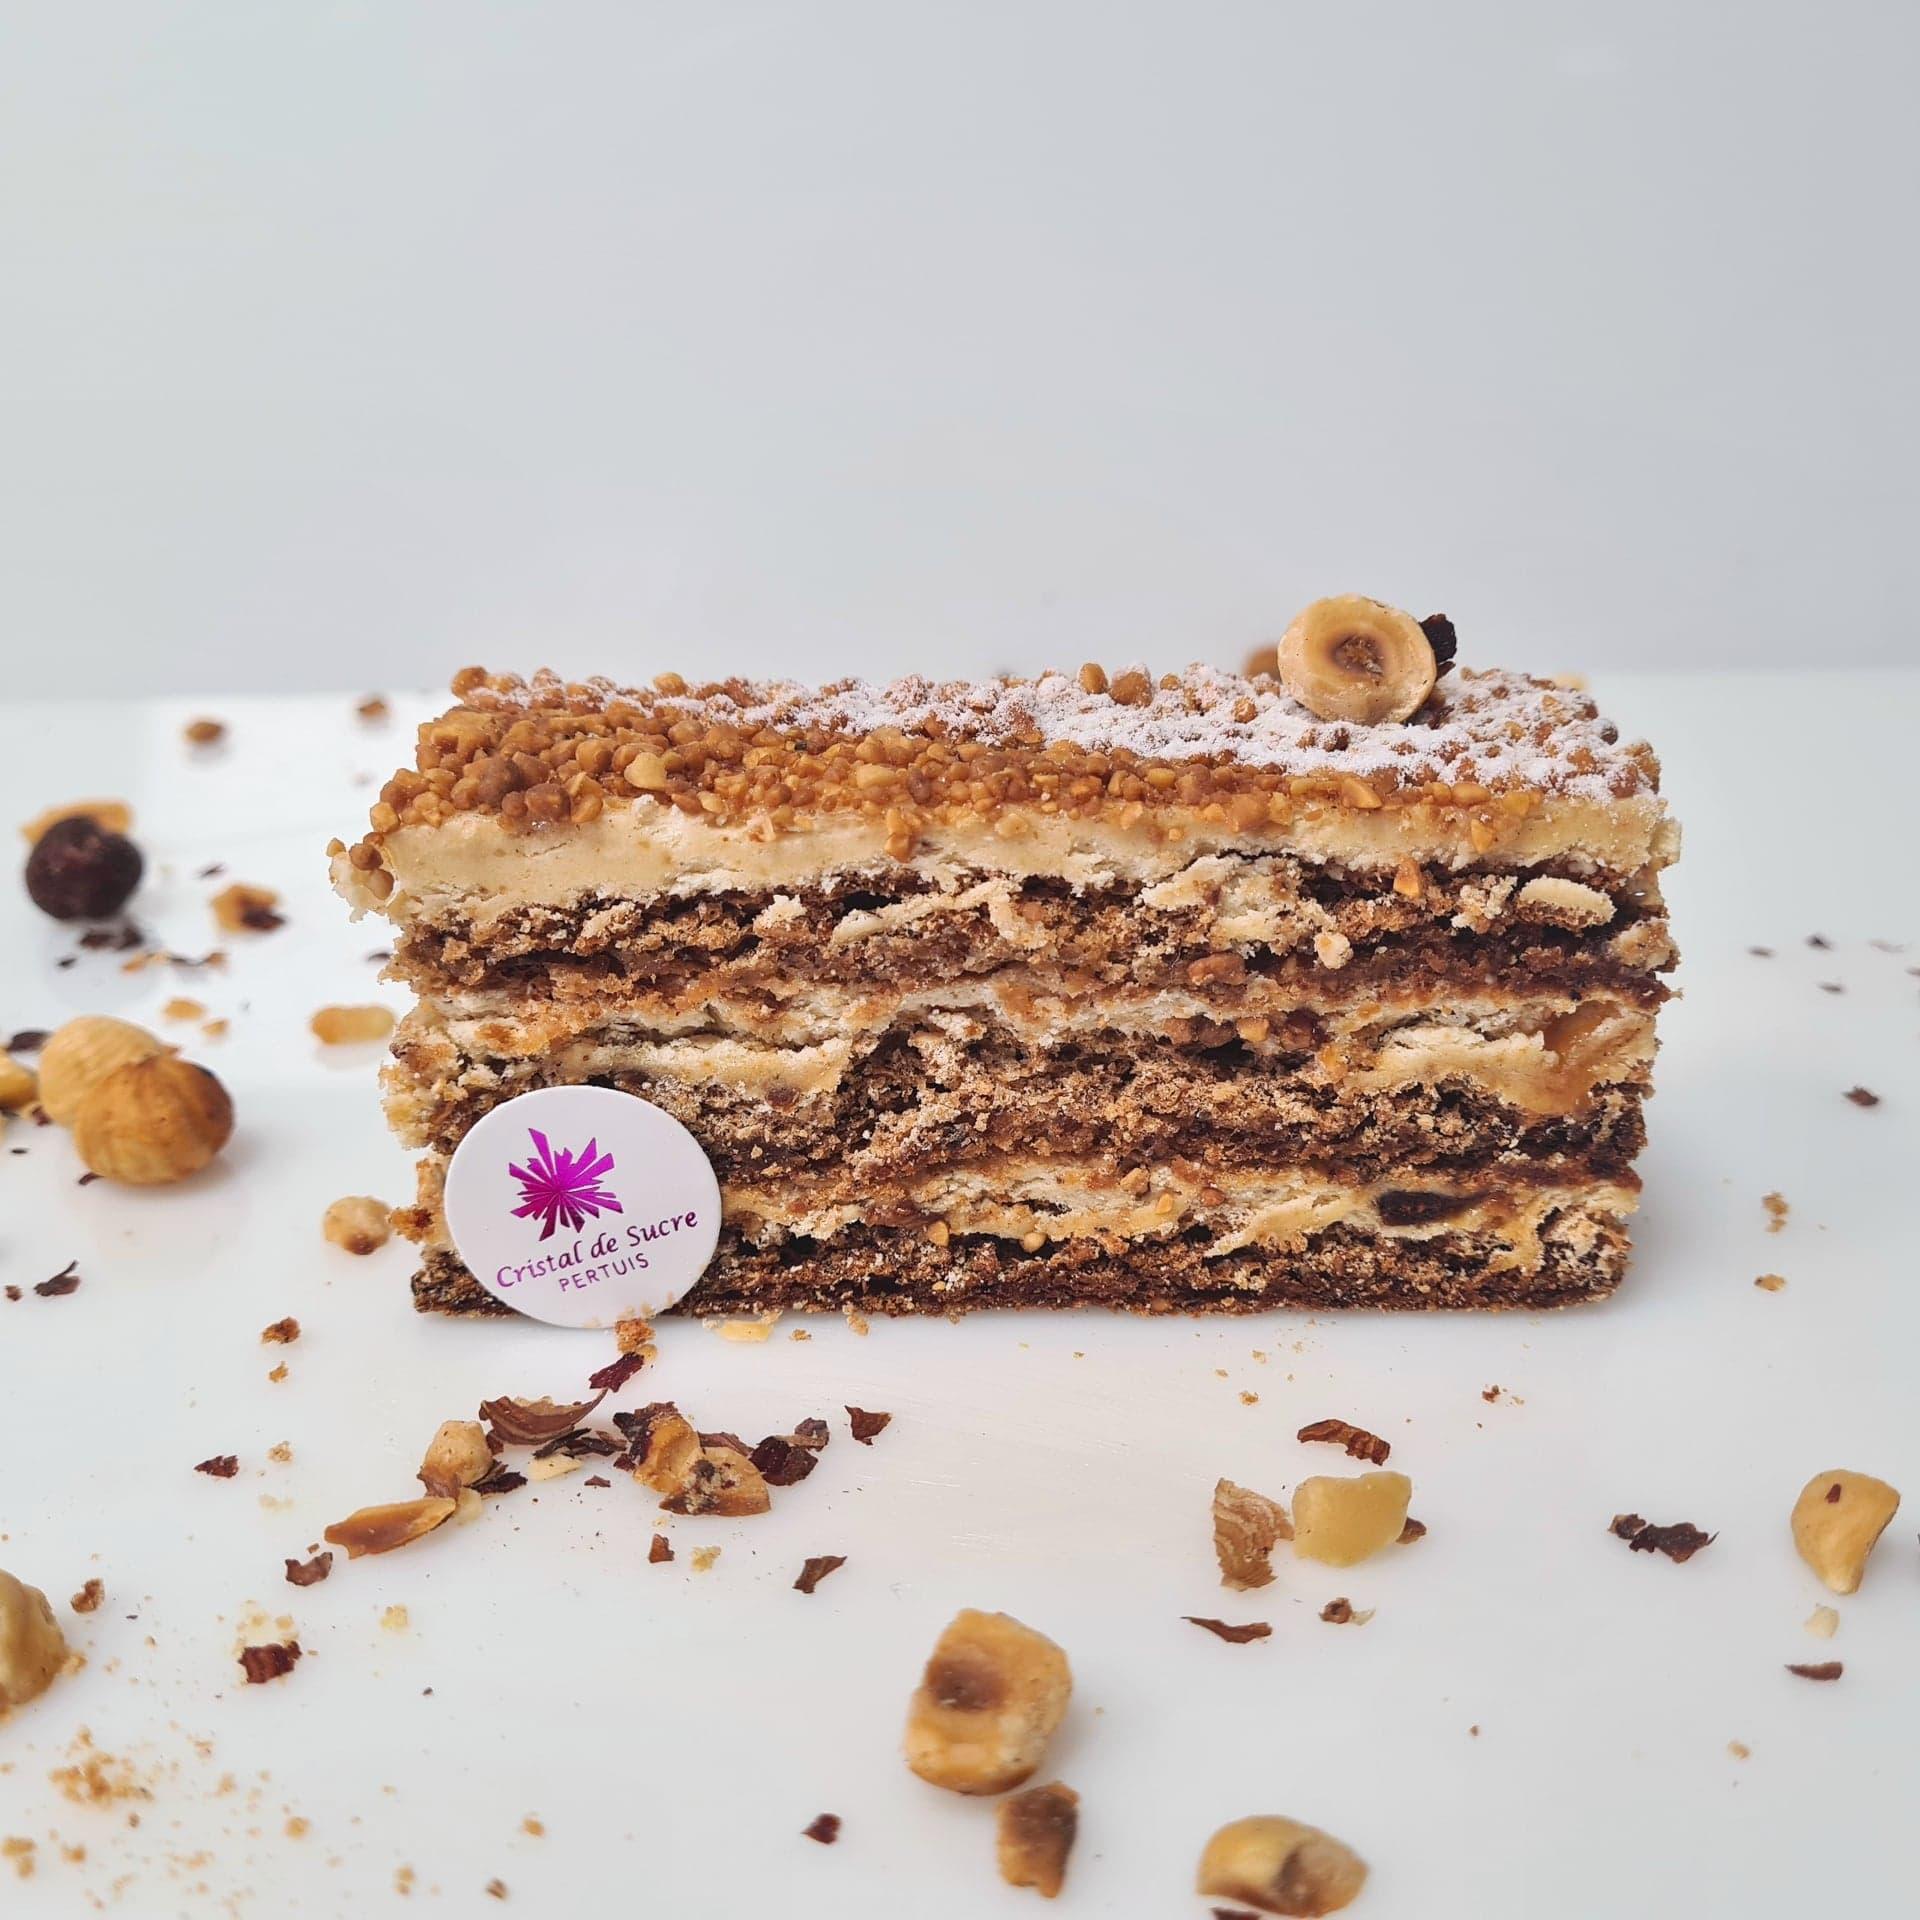 Biscuit meringué à la noisette, crème praliné aux noisettes du Piémont IGP, éclats de nougatine 3,50 €